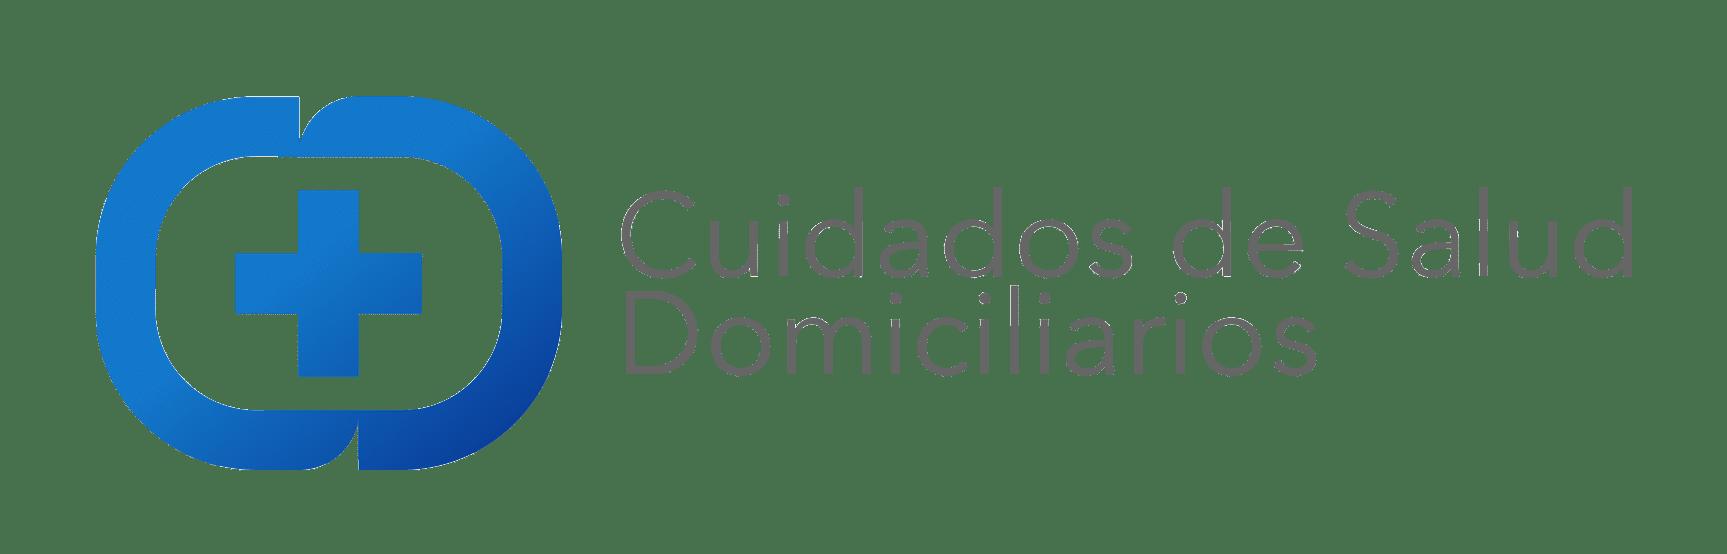 Cuidados de Salud Domiciliarios